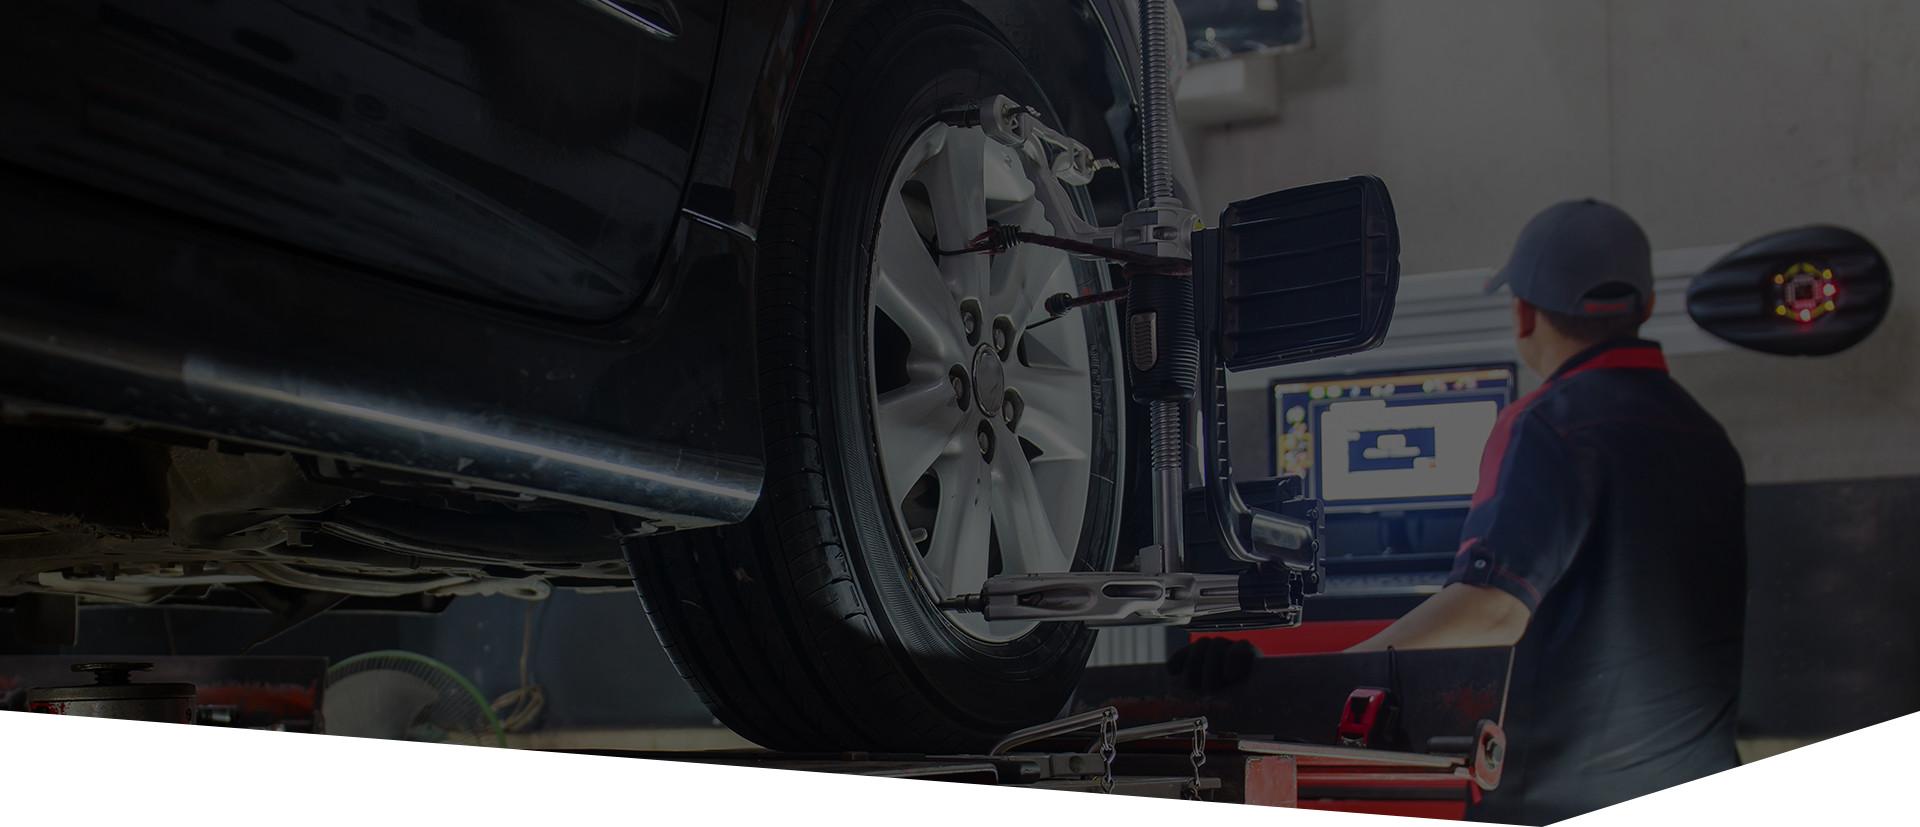 Auto Garage Services